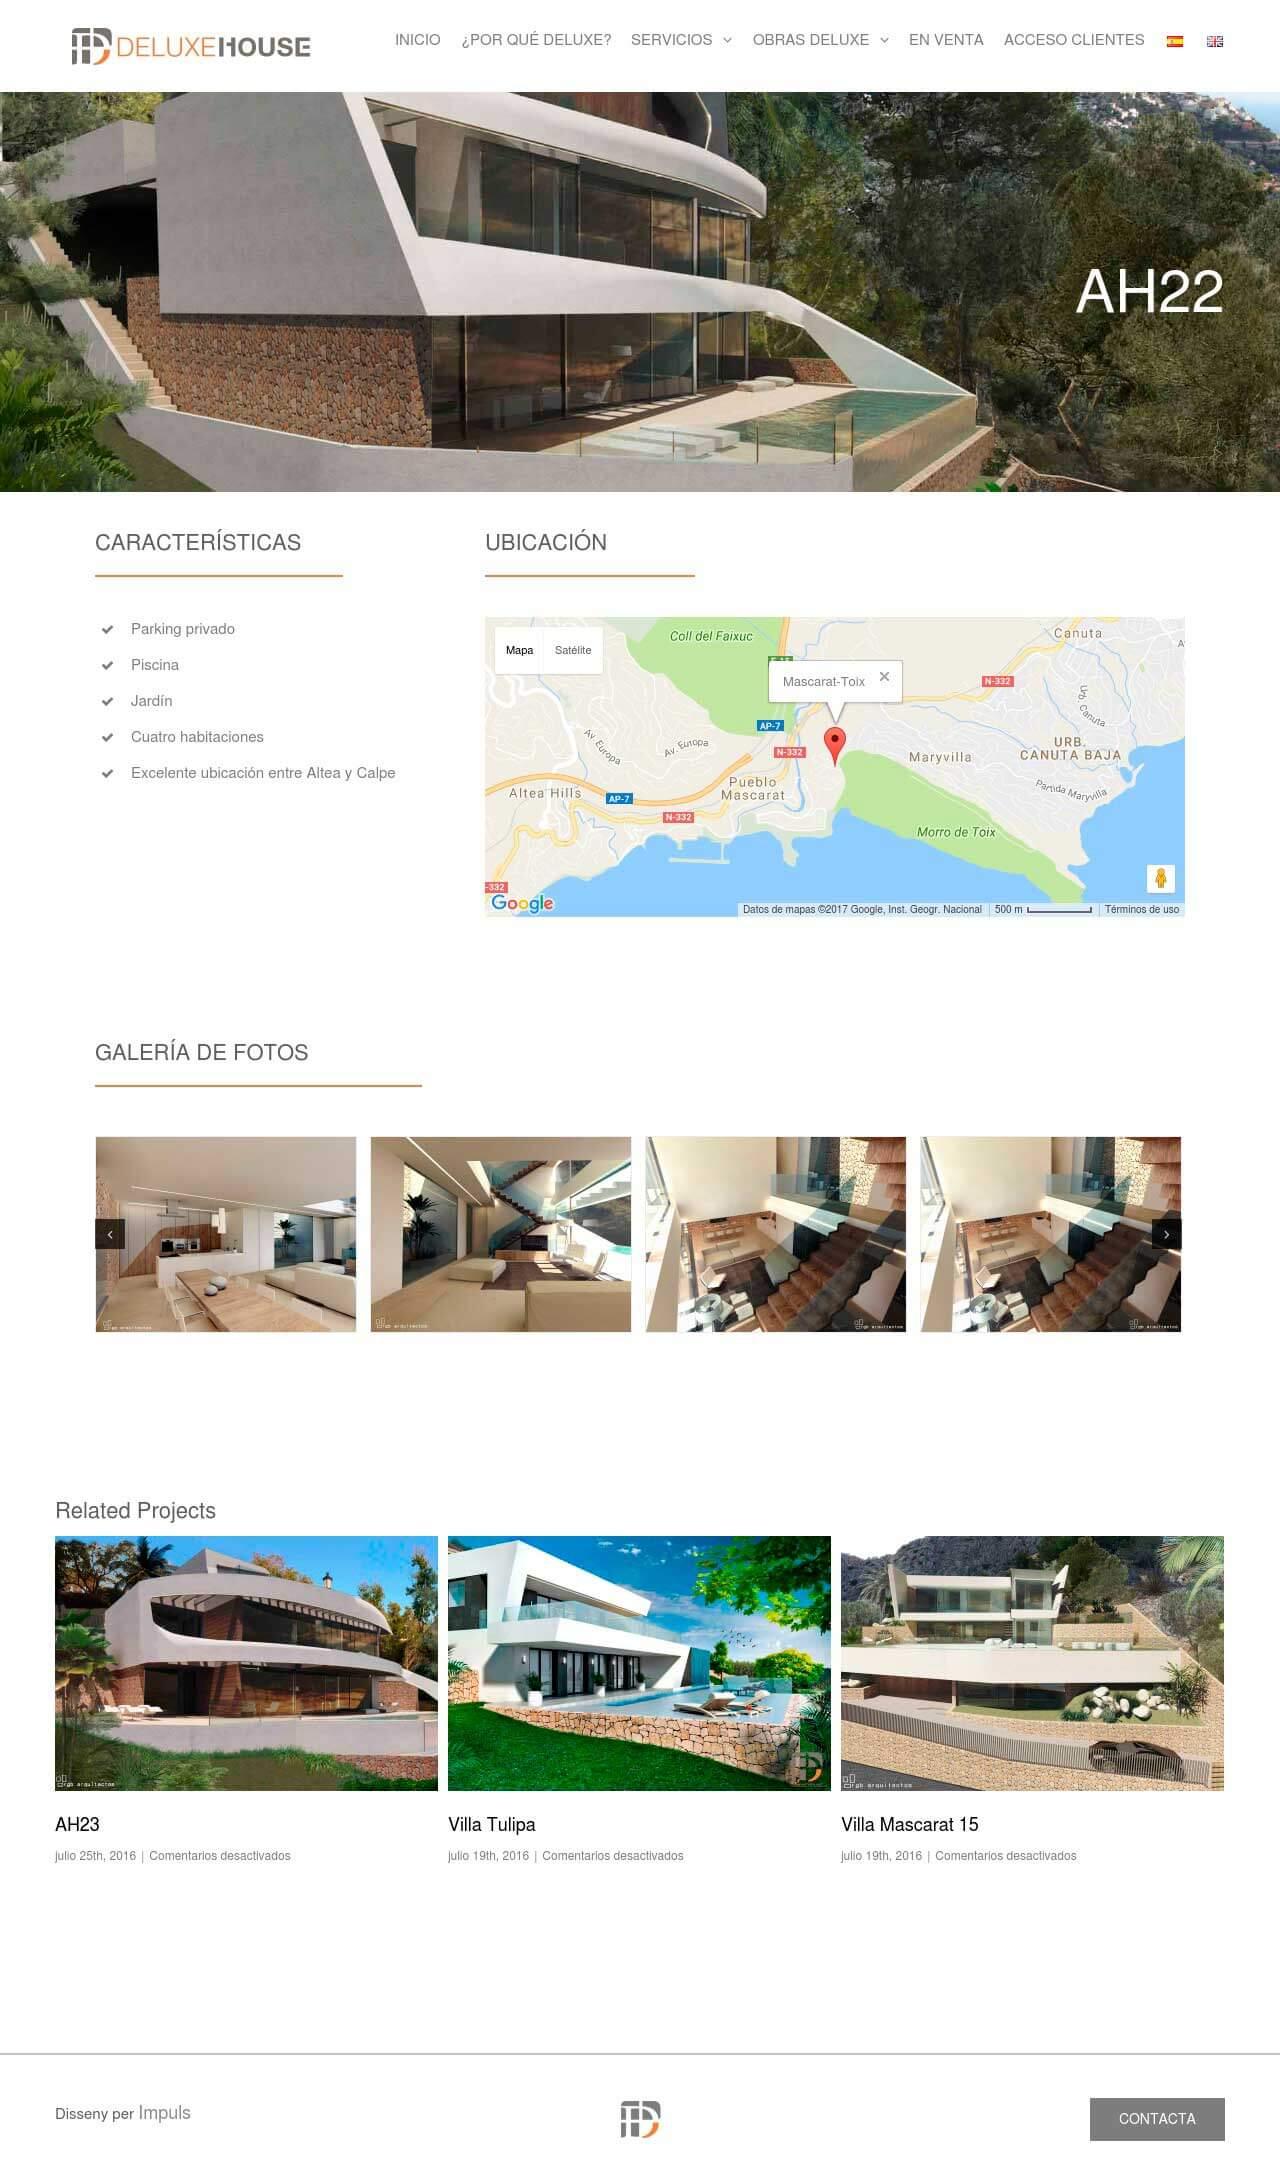 Agencia Sidecar deluxe-house-portfolio-agencia-sidecar-ah22 Deluxe House